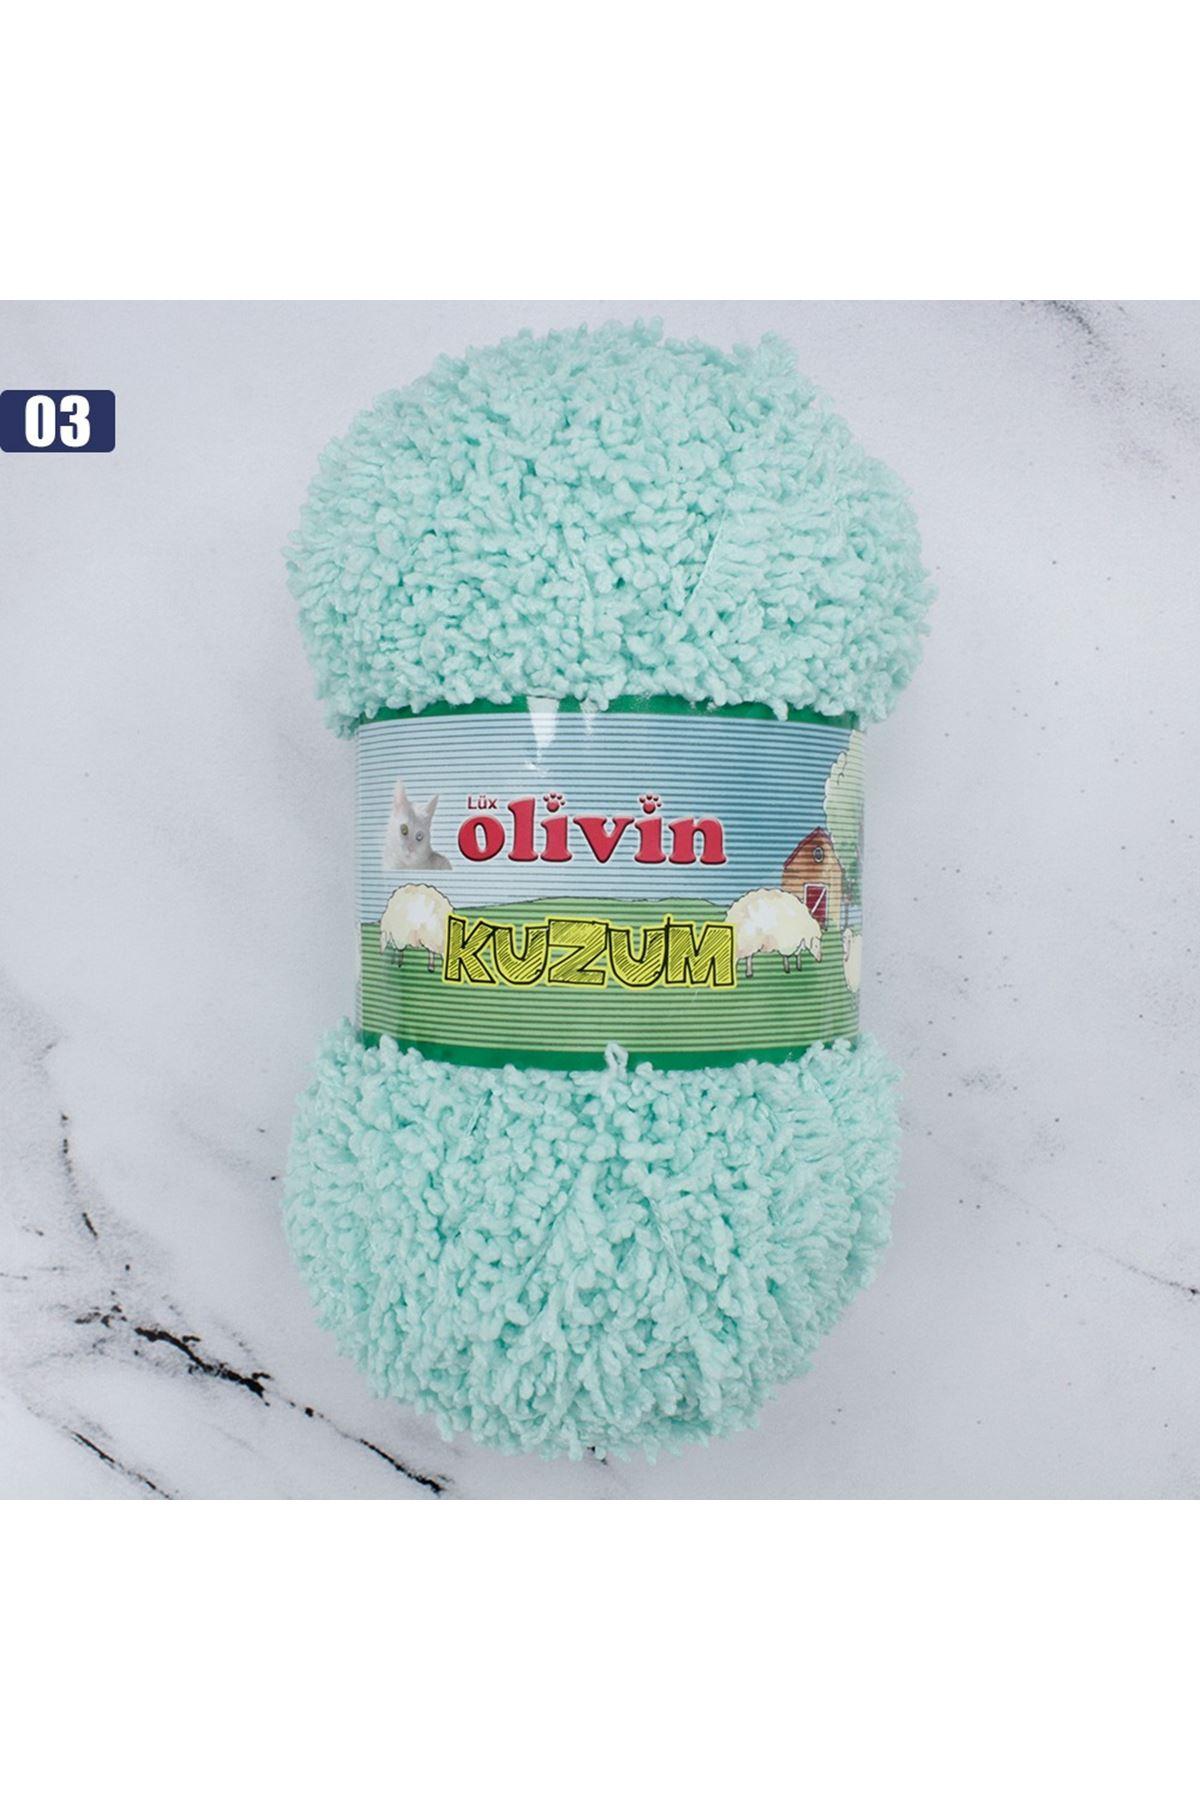 Olivin Kuzum 03